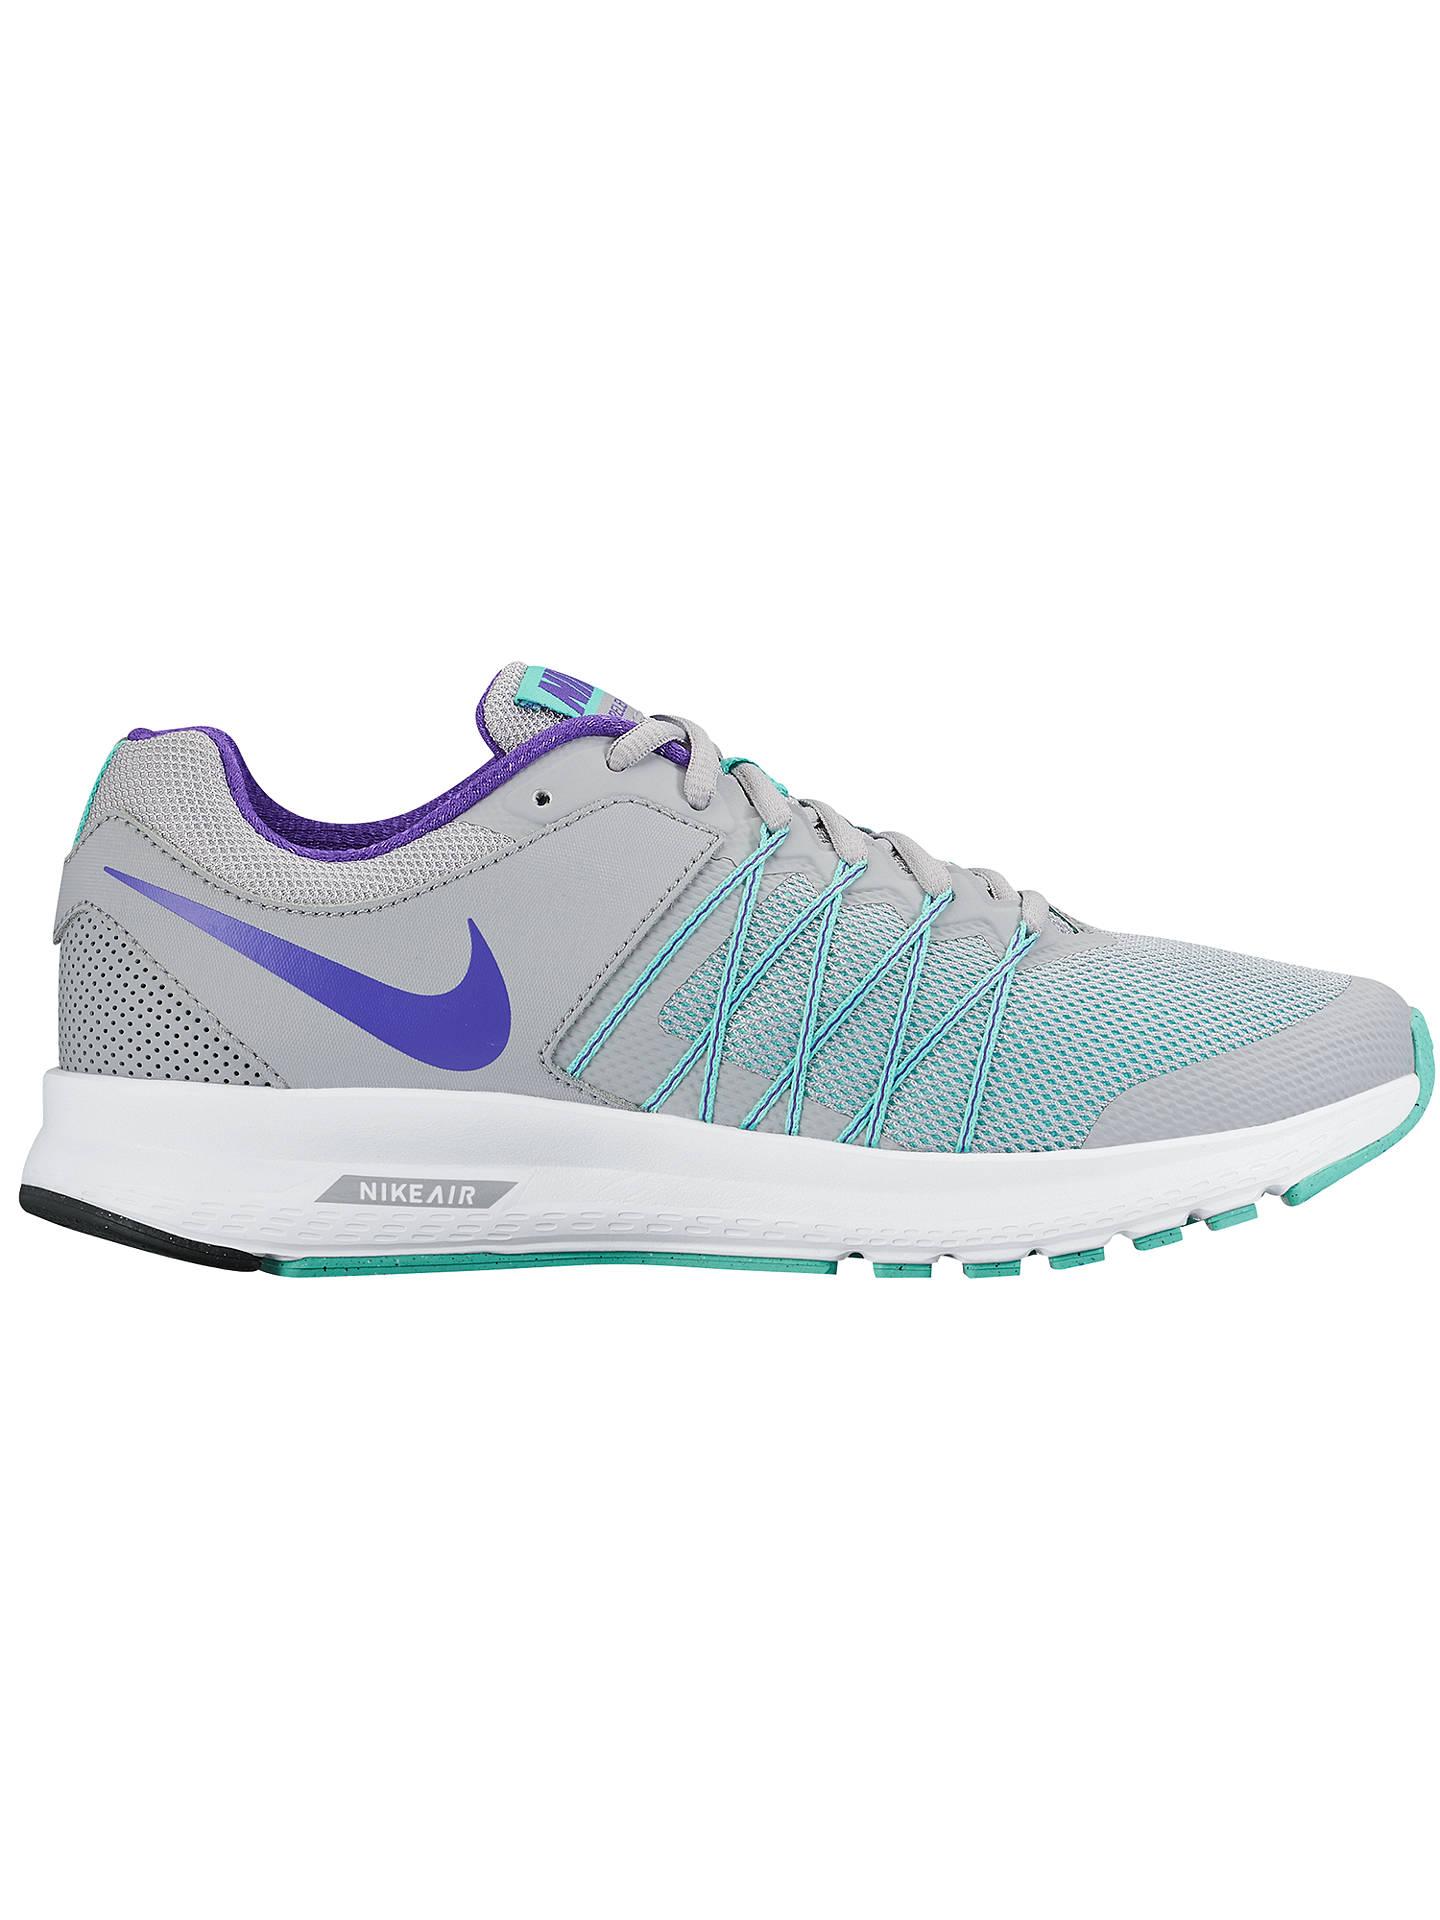 timeless design 2e22c 9d3a8 Nike Air Relentless 6 Women's Running Shoes at John Lewis ...